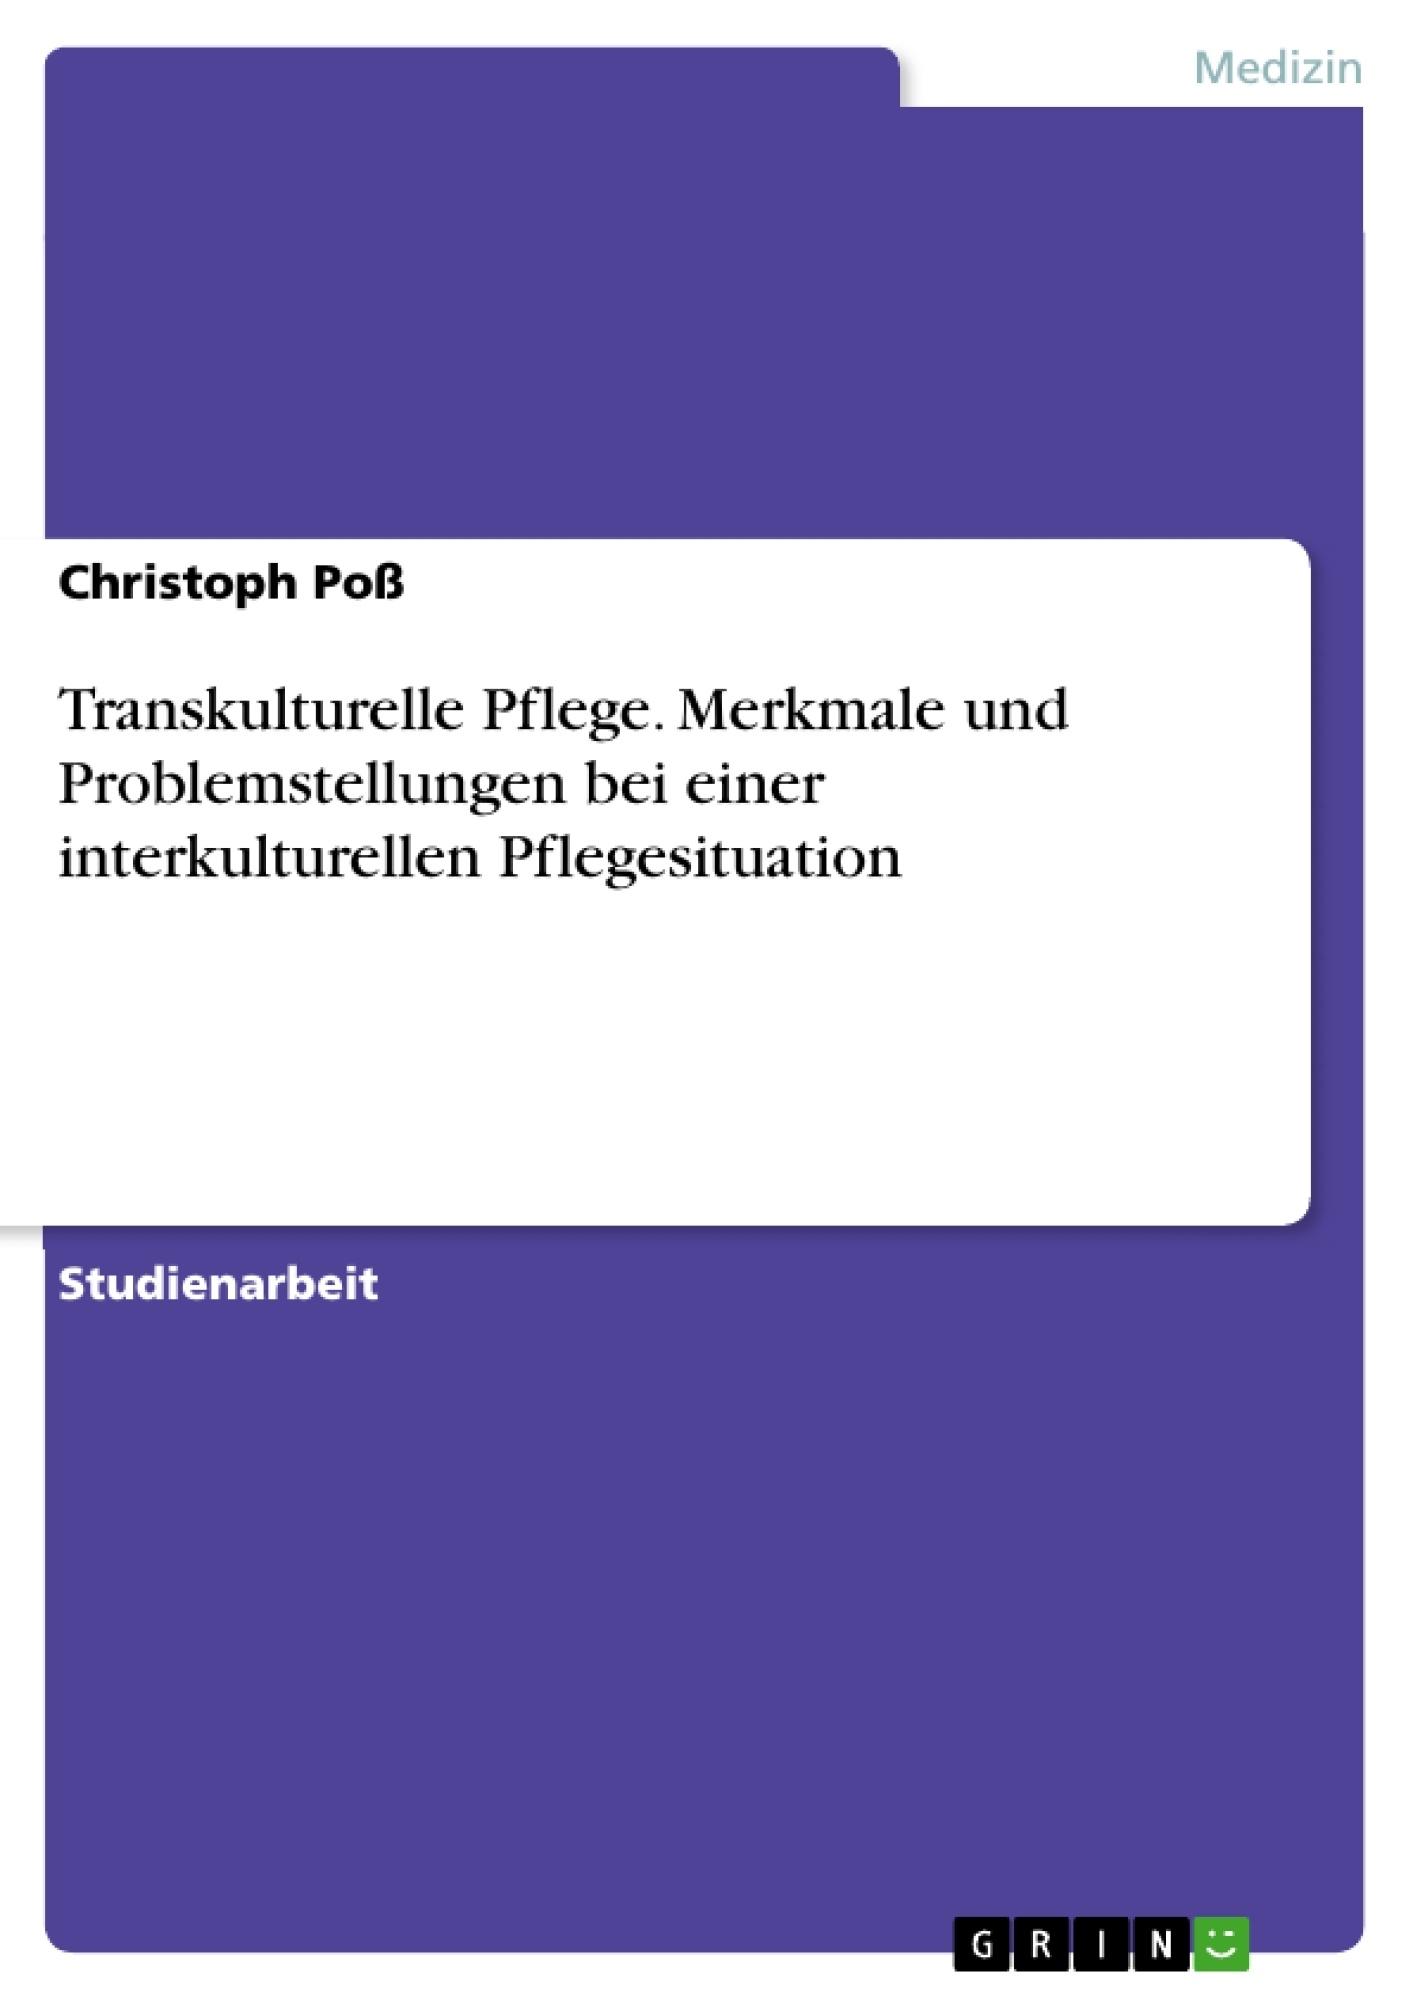 Titel: Transkulturelle Pflege. Merkmale und Problemstellungen bei einer interkulturellen Pflegesituation